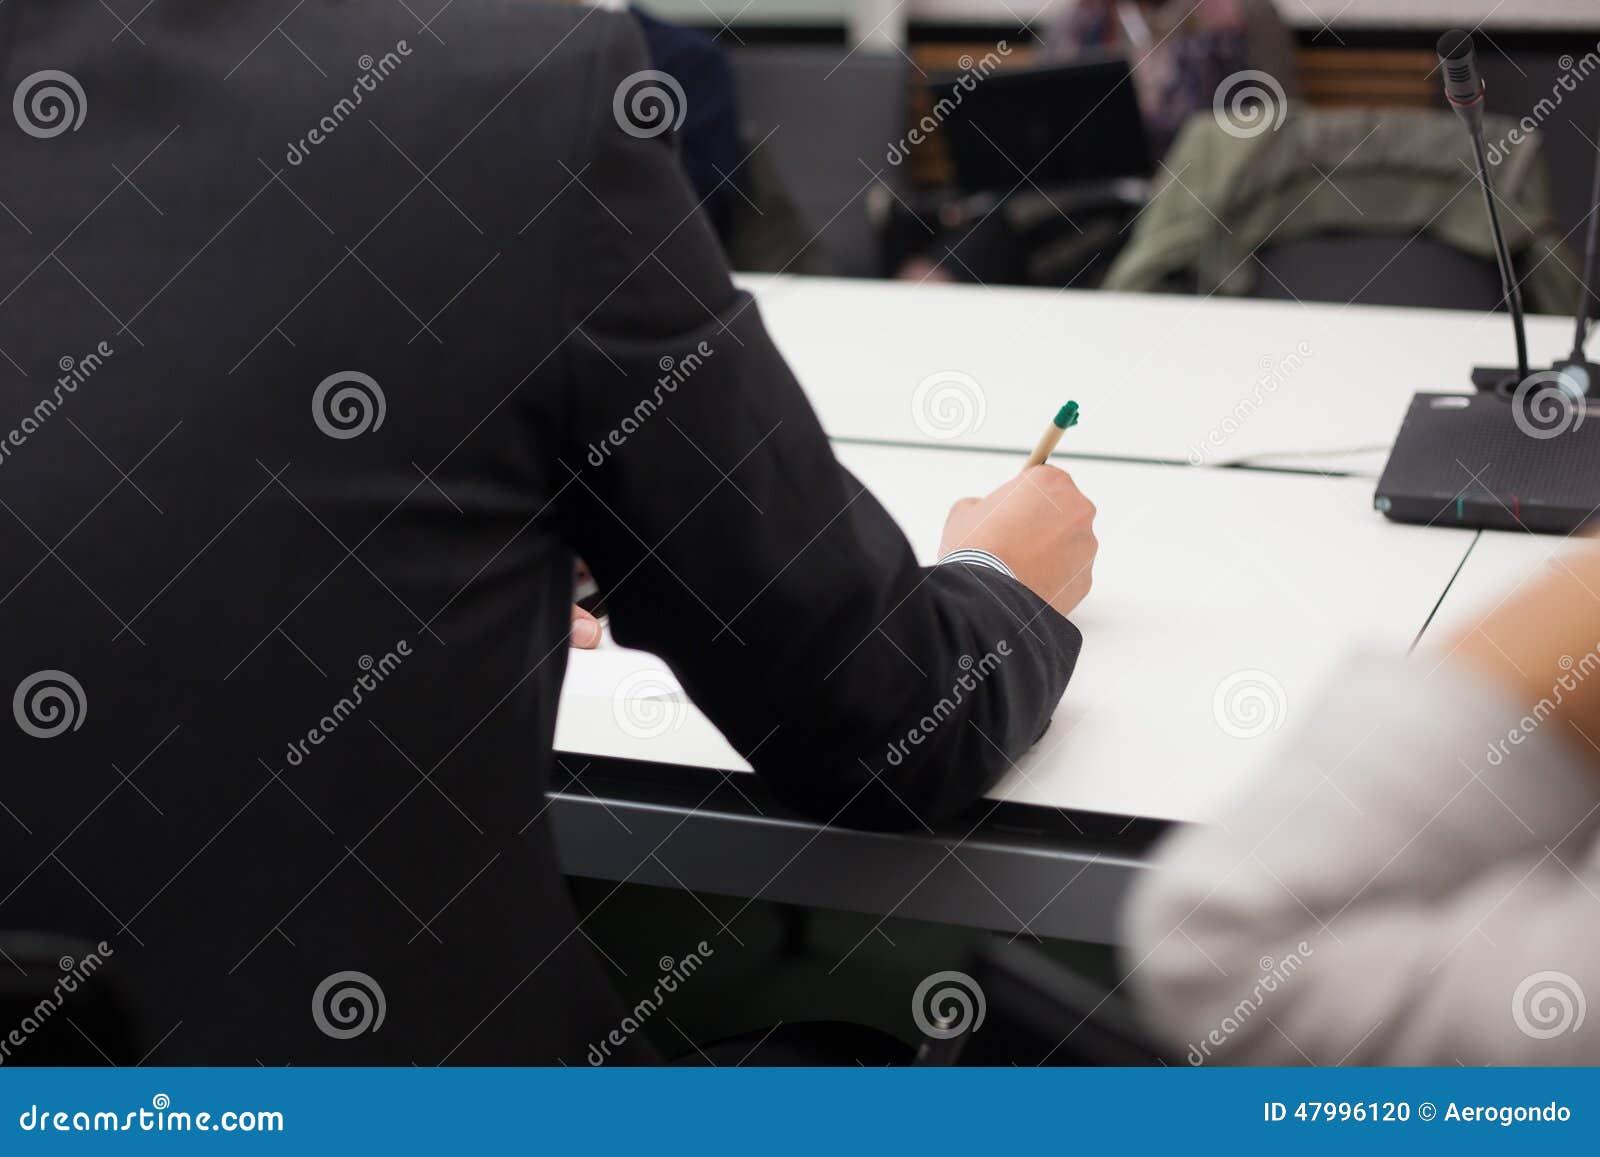 Tomando notas em meting do negócio